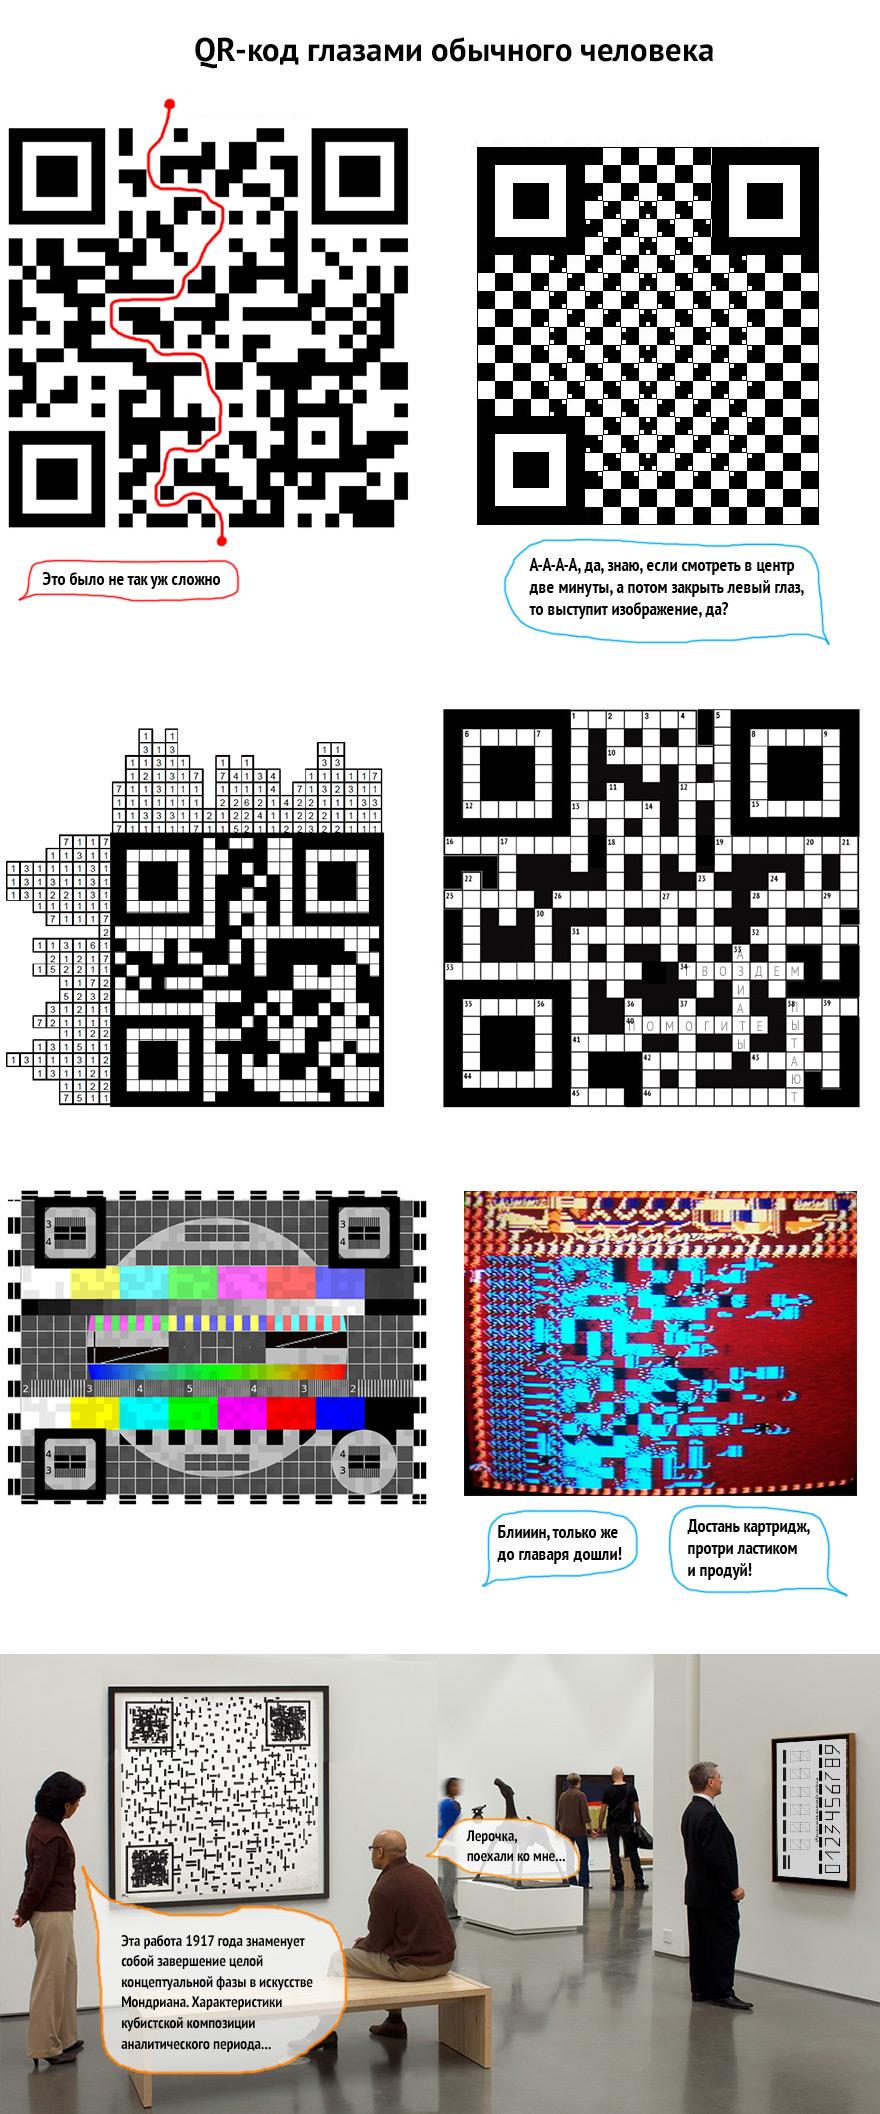 Как получить и использовать QR-код / Новости города / Сайт Москвы